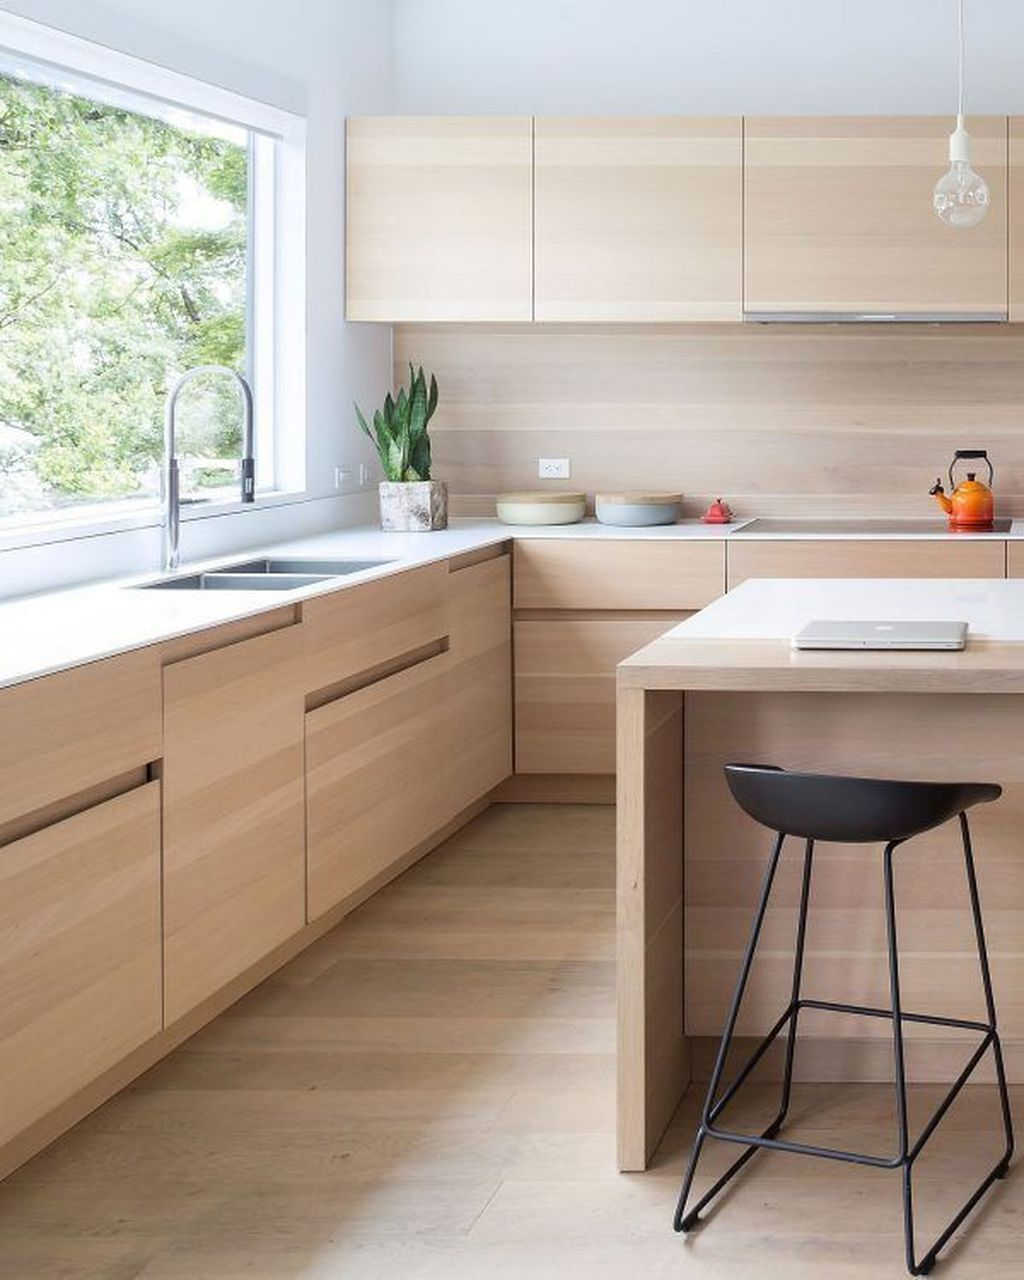 34 Stunning Modern Wooden Kitchen Design Ideas Homepiez Simple Kitchen Design Kitchen Room Design Minimalist Kitchen Design